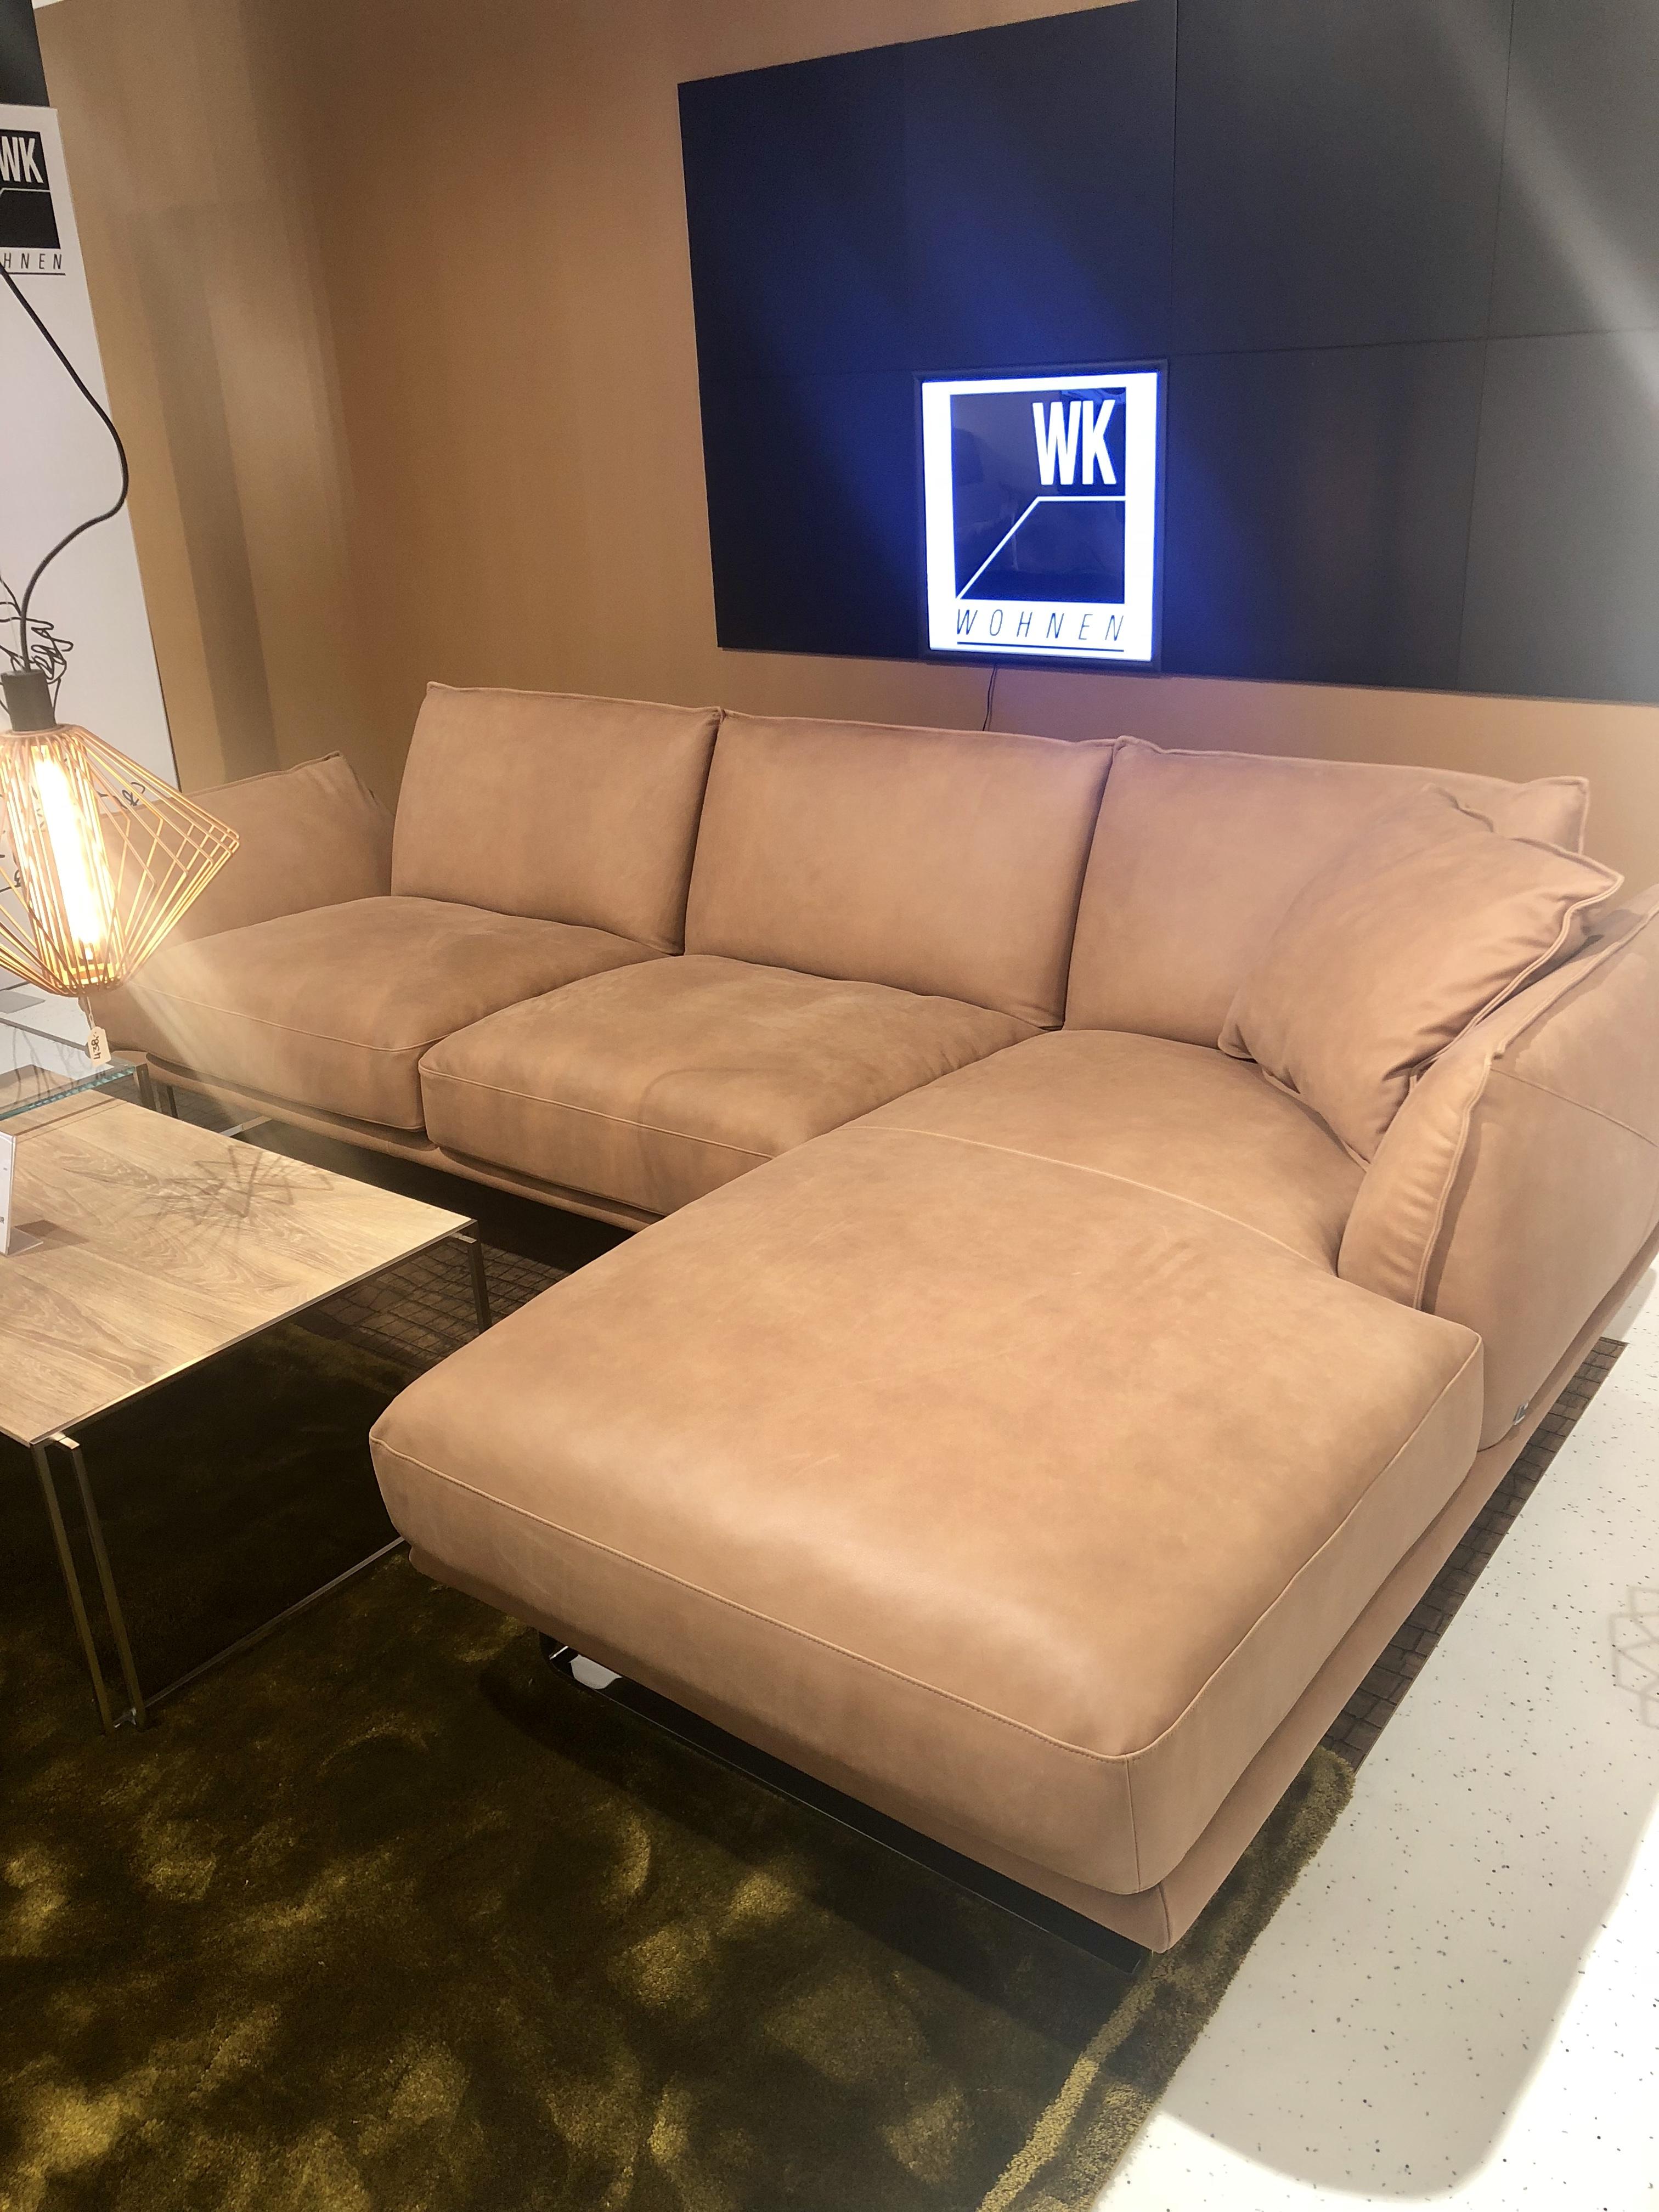 mein ausstellungsst ck wk eckgarnitur sienna 667. Black Bedroom Furniture Sets. Home Design Ideas